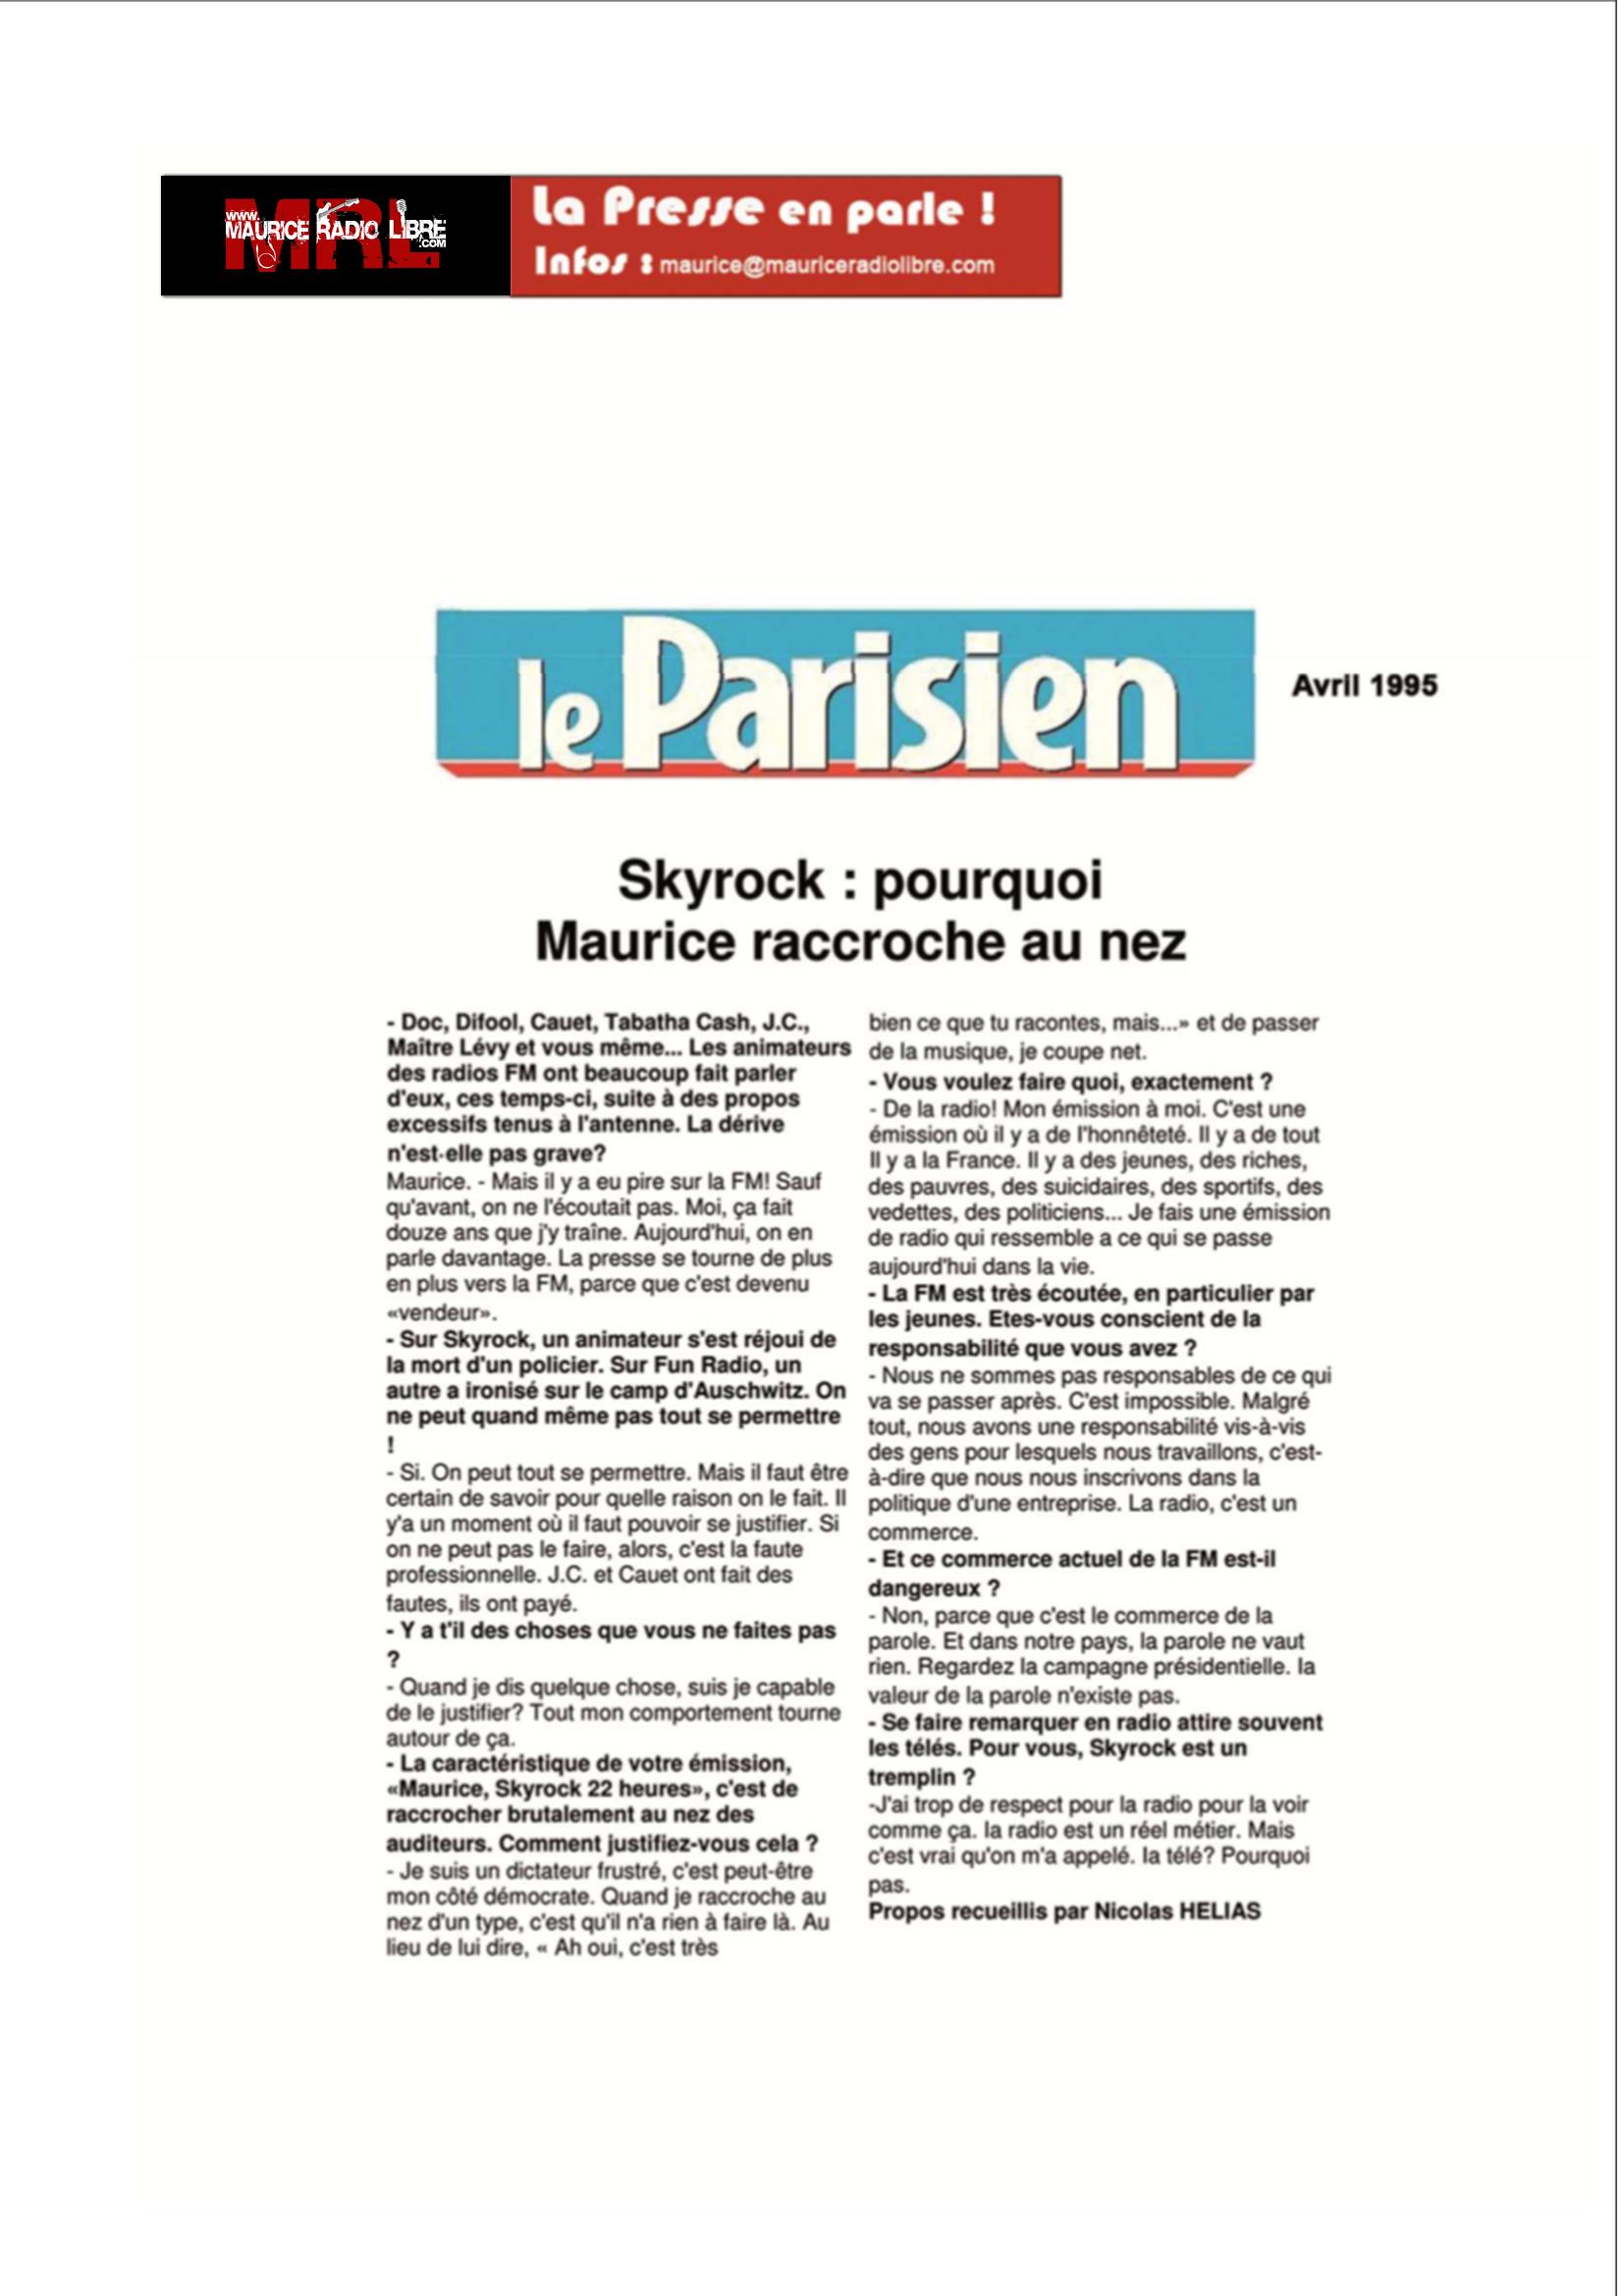 vignette Le Parisien Skyrock : pourquoi Maurice raccroche au nez - Avril 1995